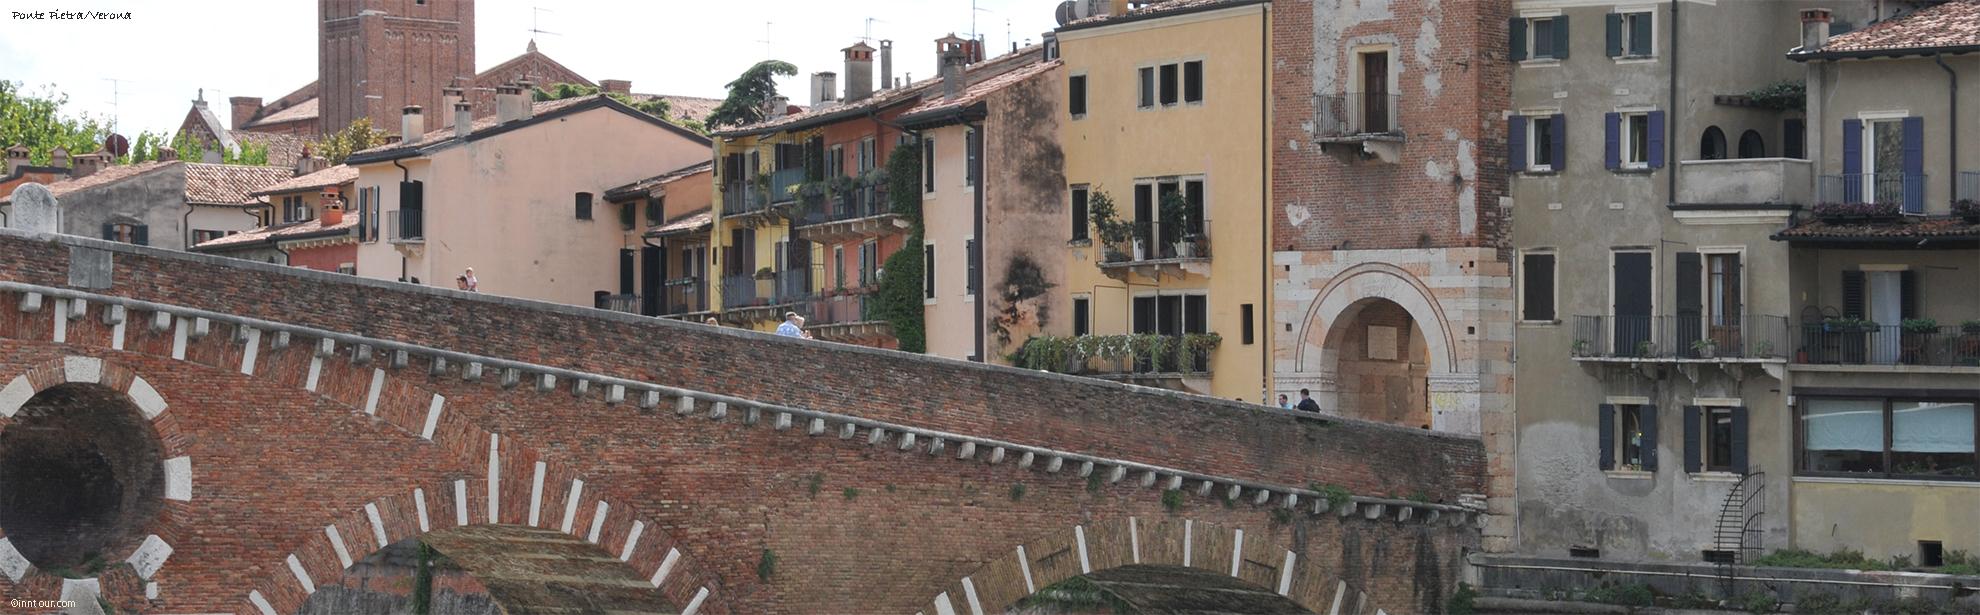 Oklassinntour_Ponte-Pietra_Verona_DSC_1020